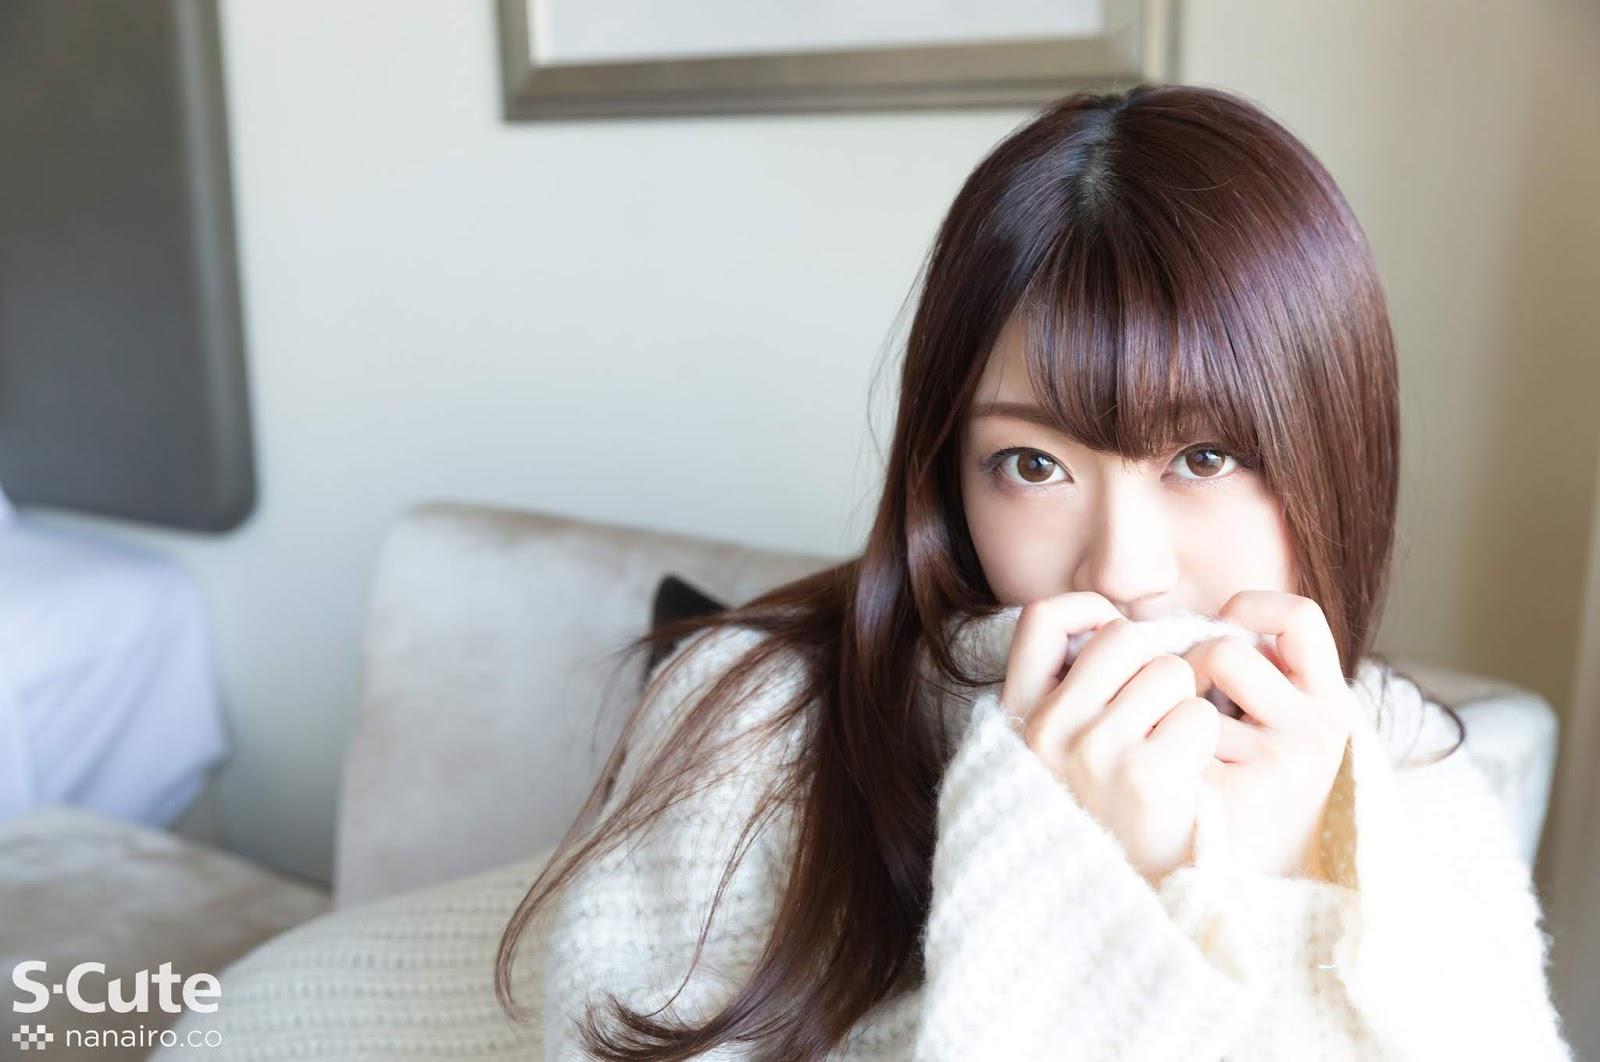 S-Cute 771_ichika_01 ぴちゃぴちゃ音がエロいハメ潮H/Ichika 195933__S-Cute_771_ichika_01_cover